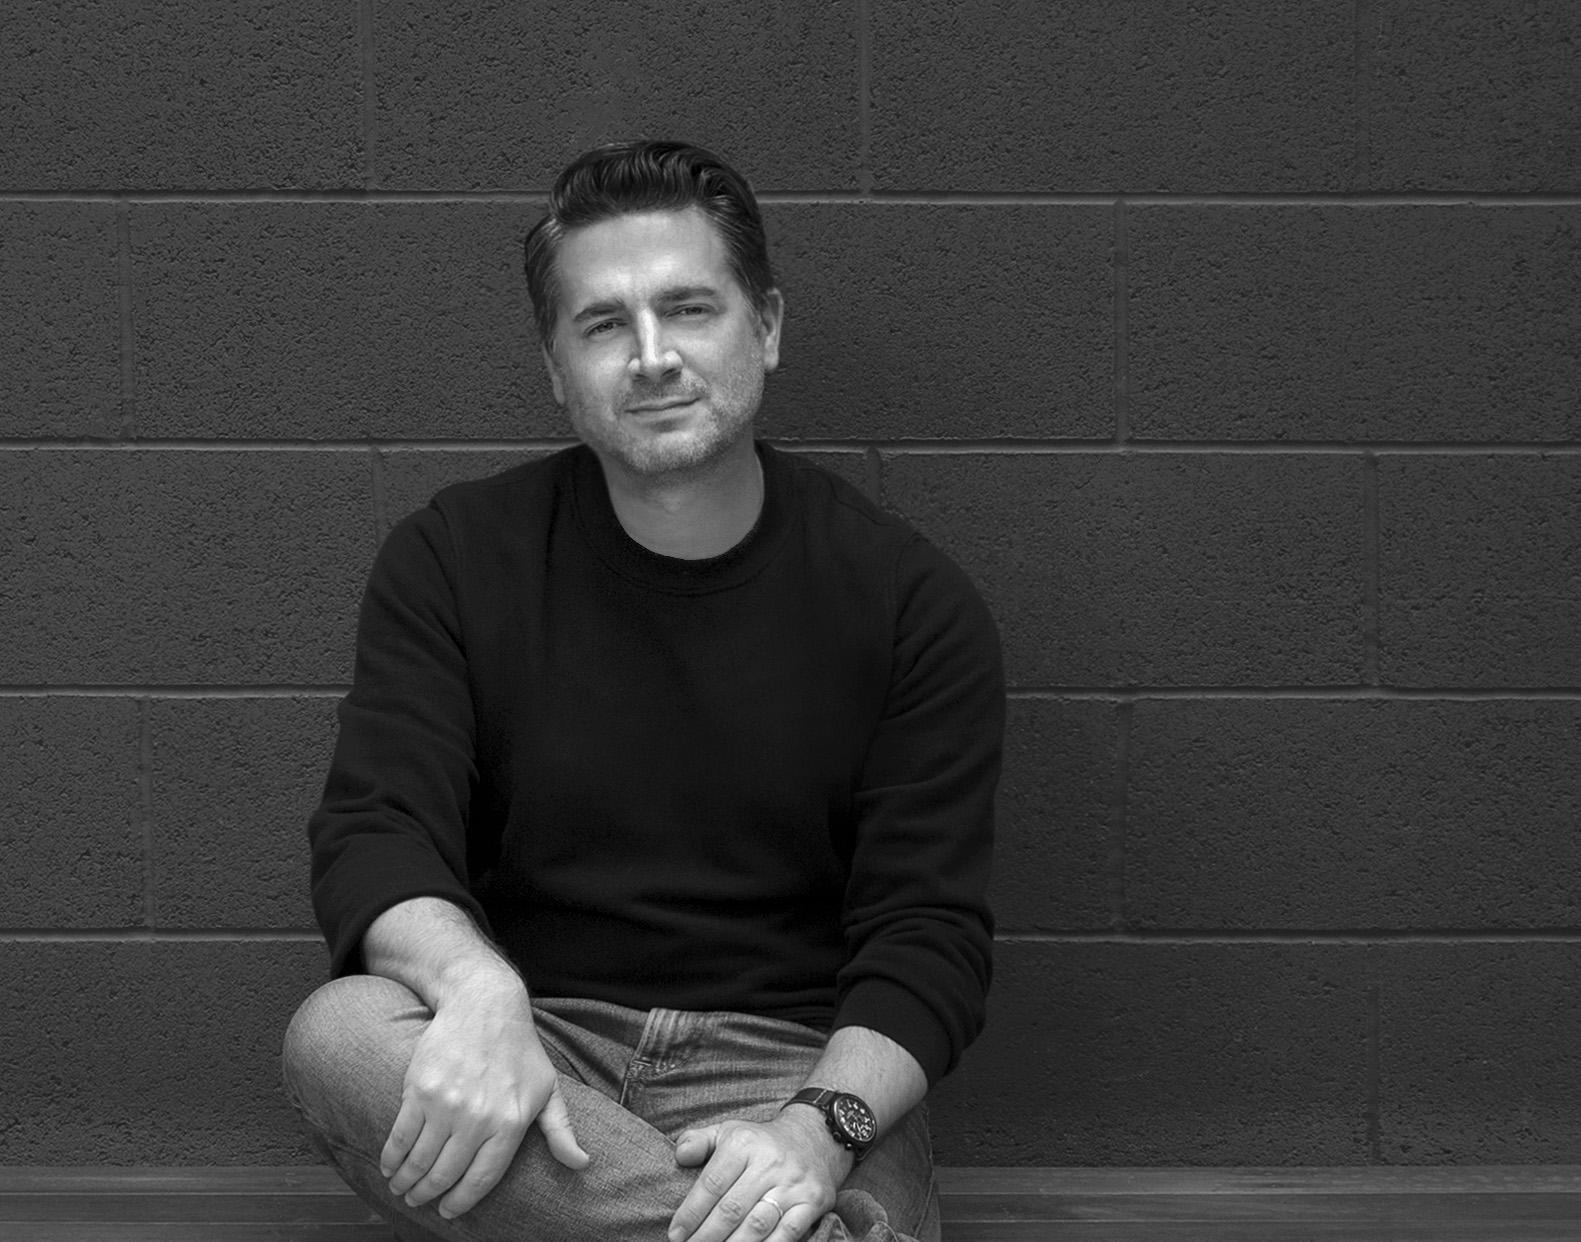 Tim Dillon, Head of VR & Immersive Media, MPC